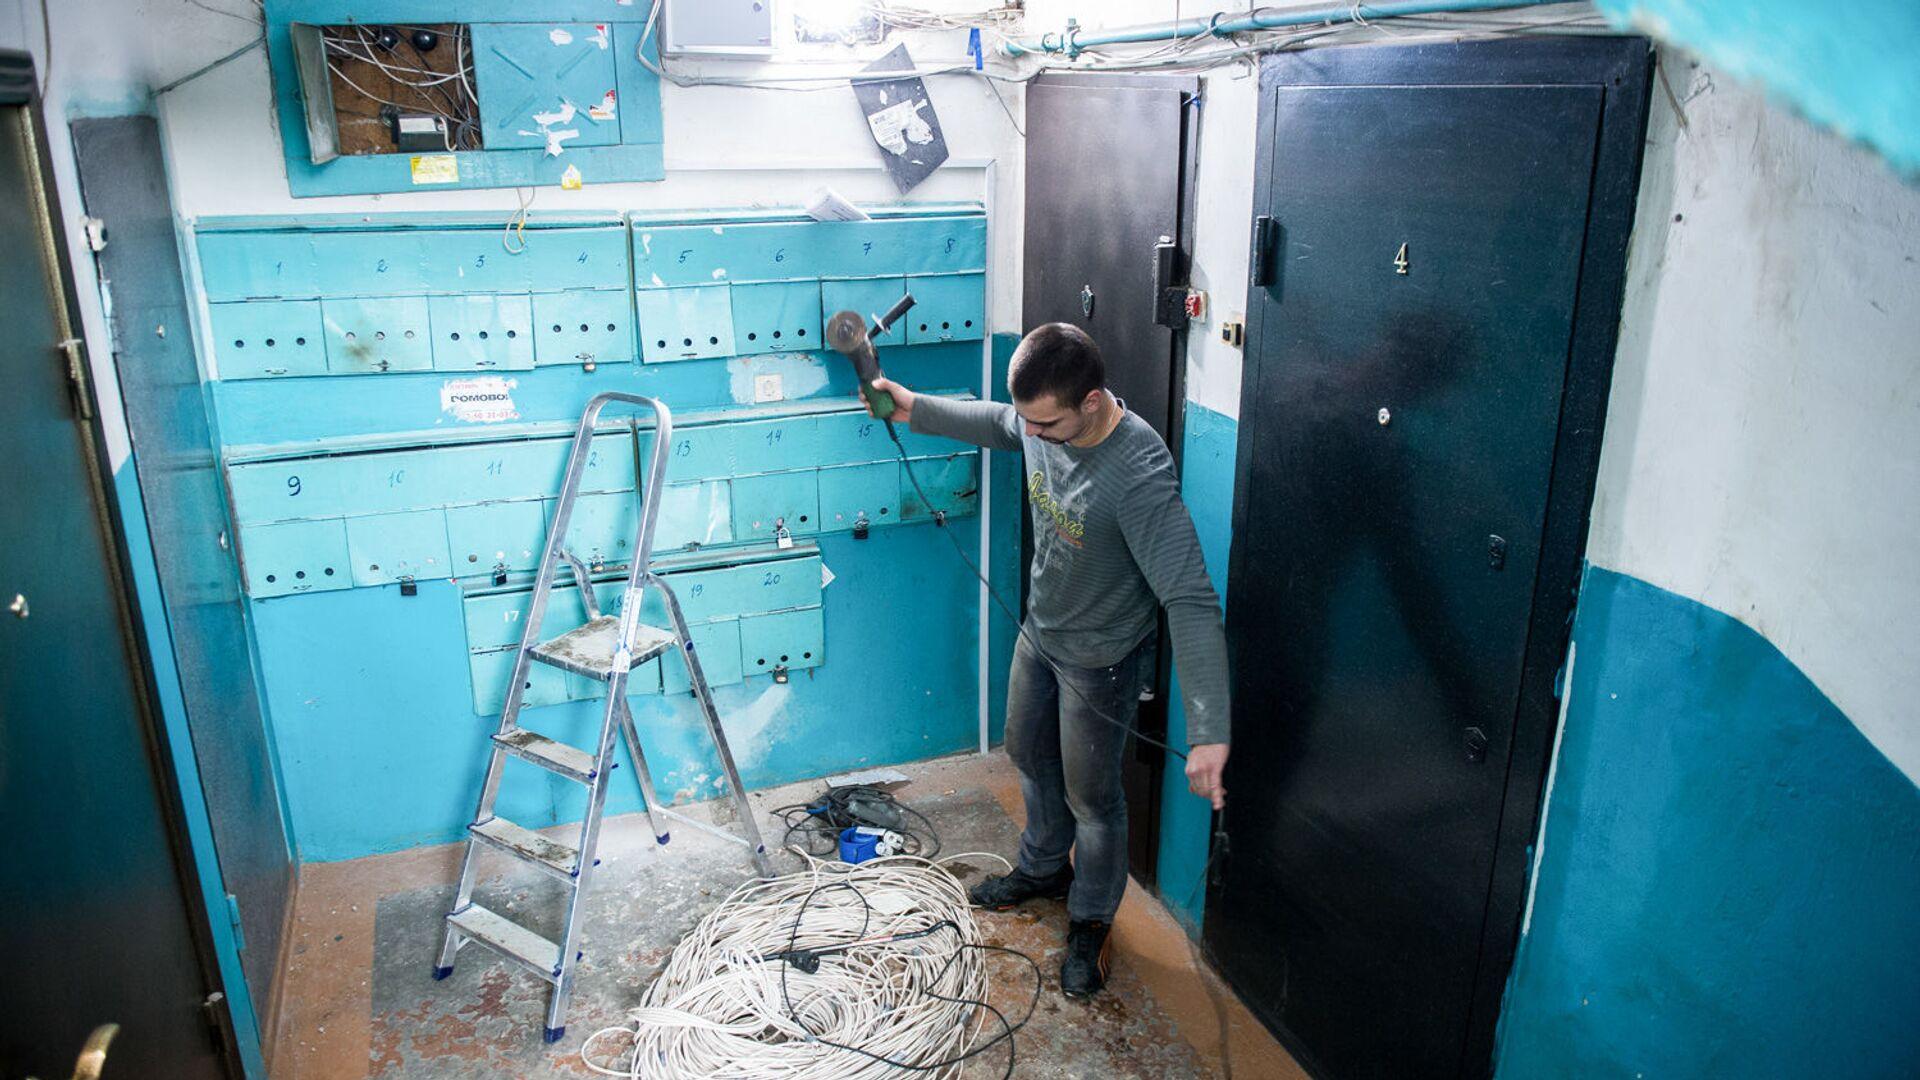 Рабочие меняют электропроводку в подъезде жилого дома - РИА Новости, 1920, 21.01.2021